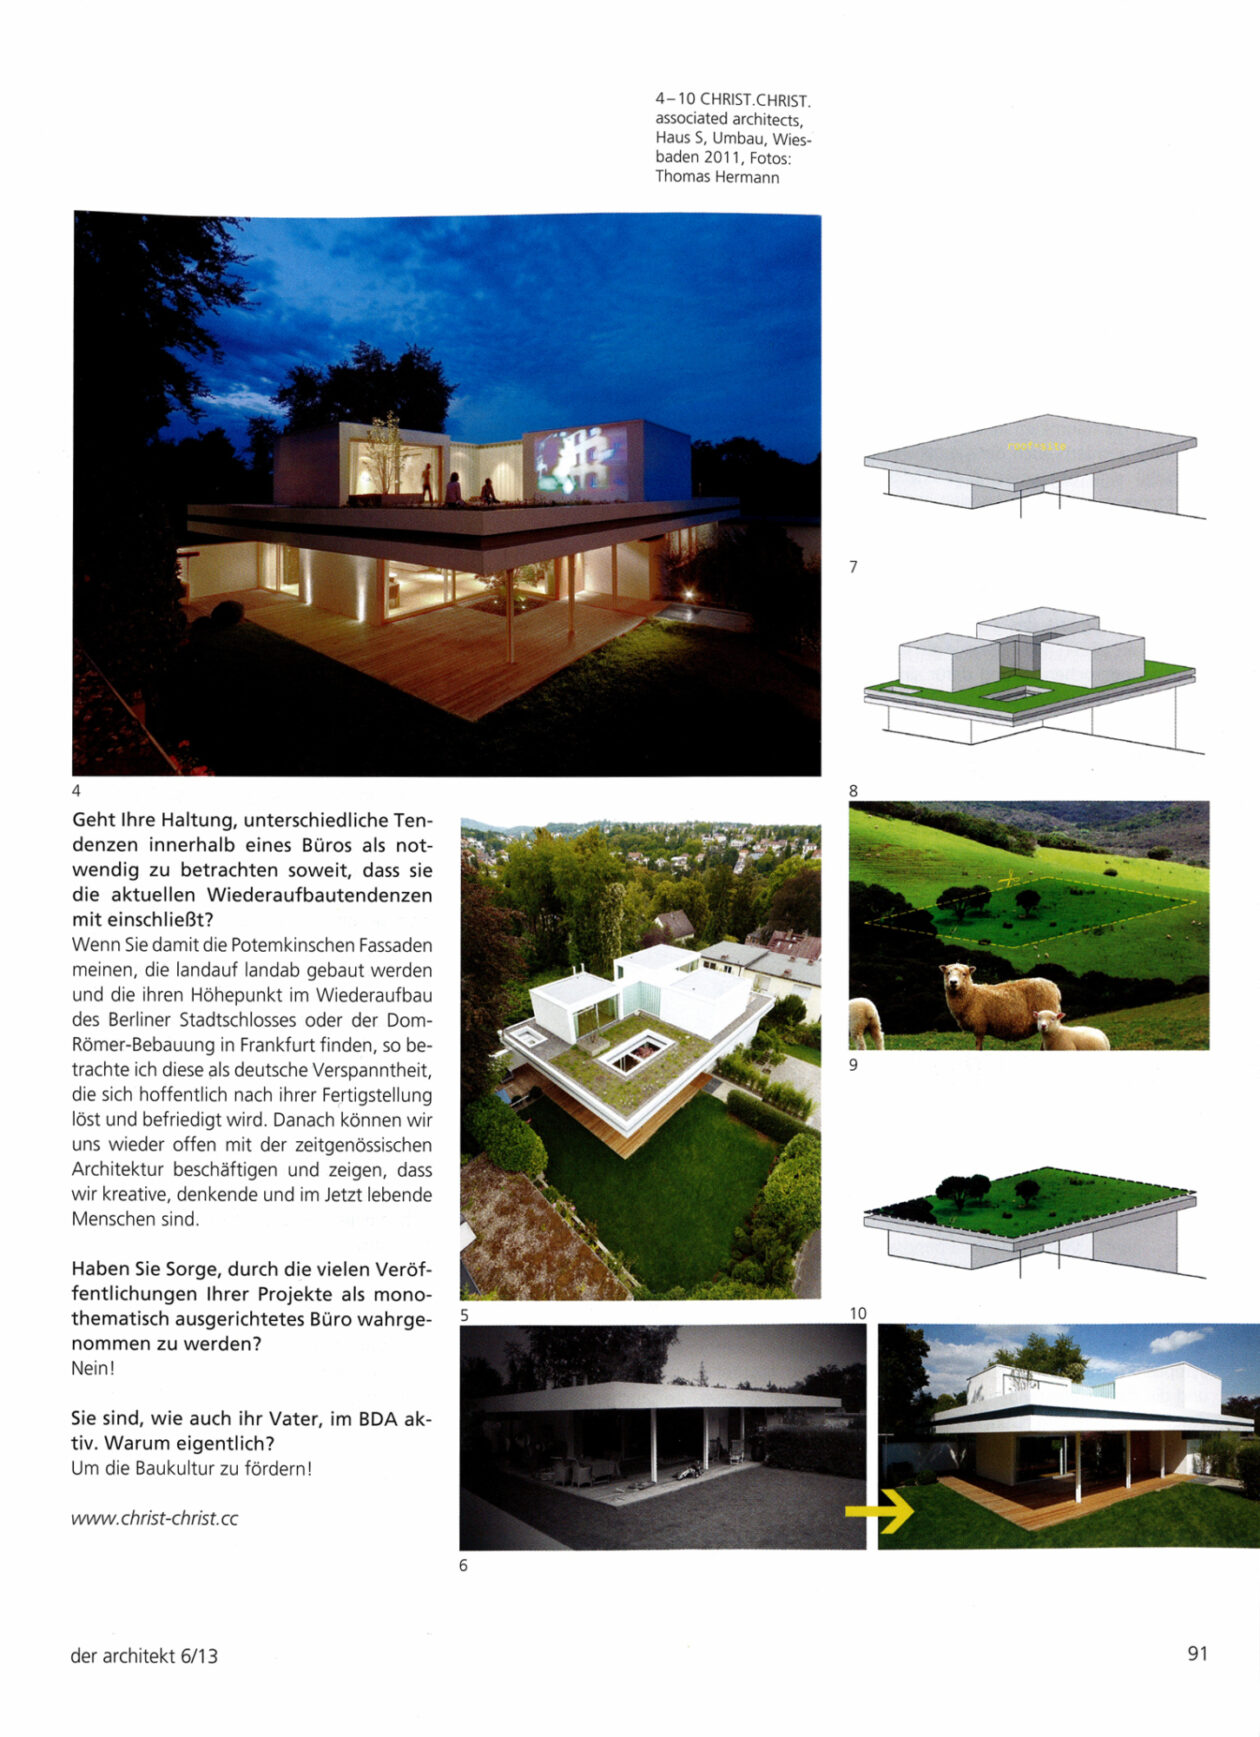 Der Architekt Der Gefuehlte Raum 05